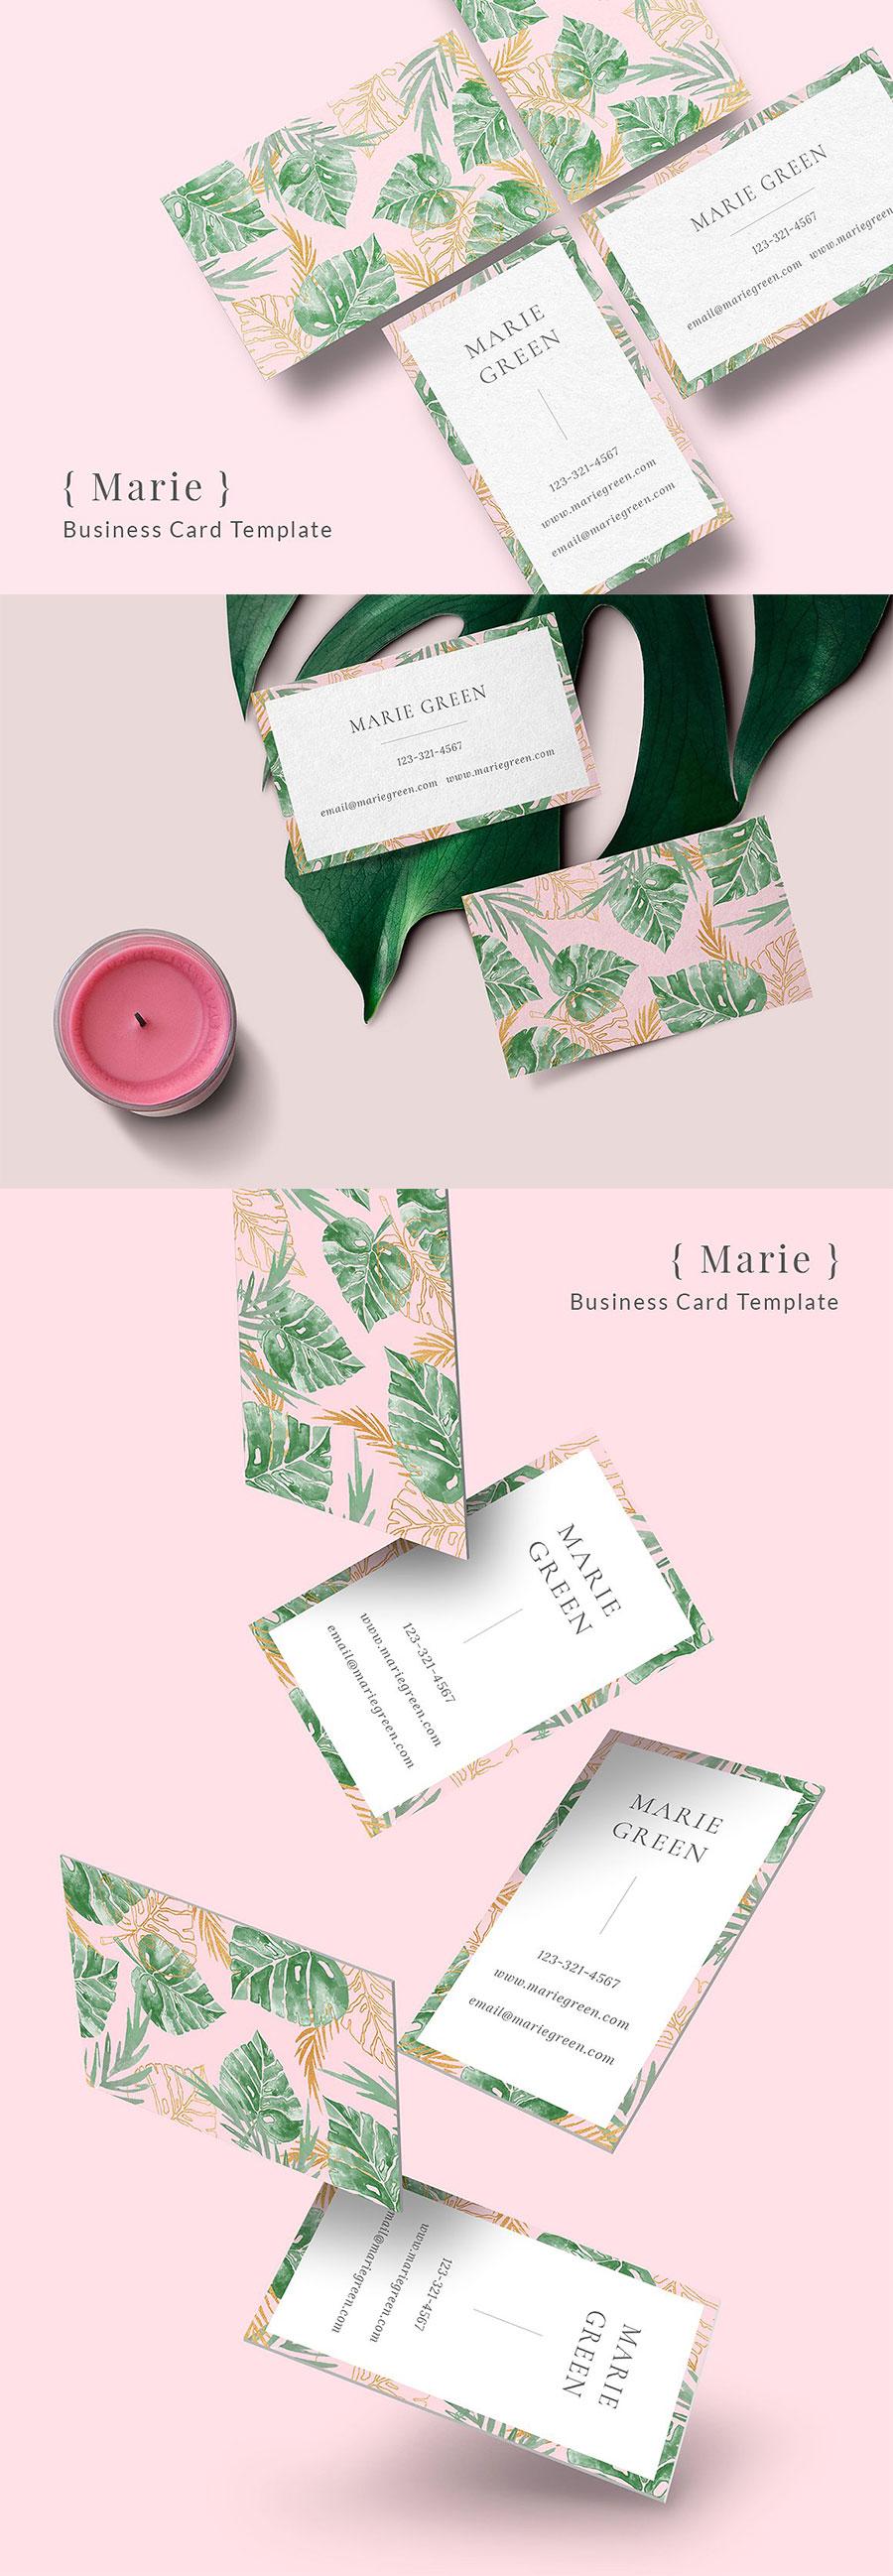 女性品牌相关的名片模版免费下载[PSD]设计素材模板